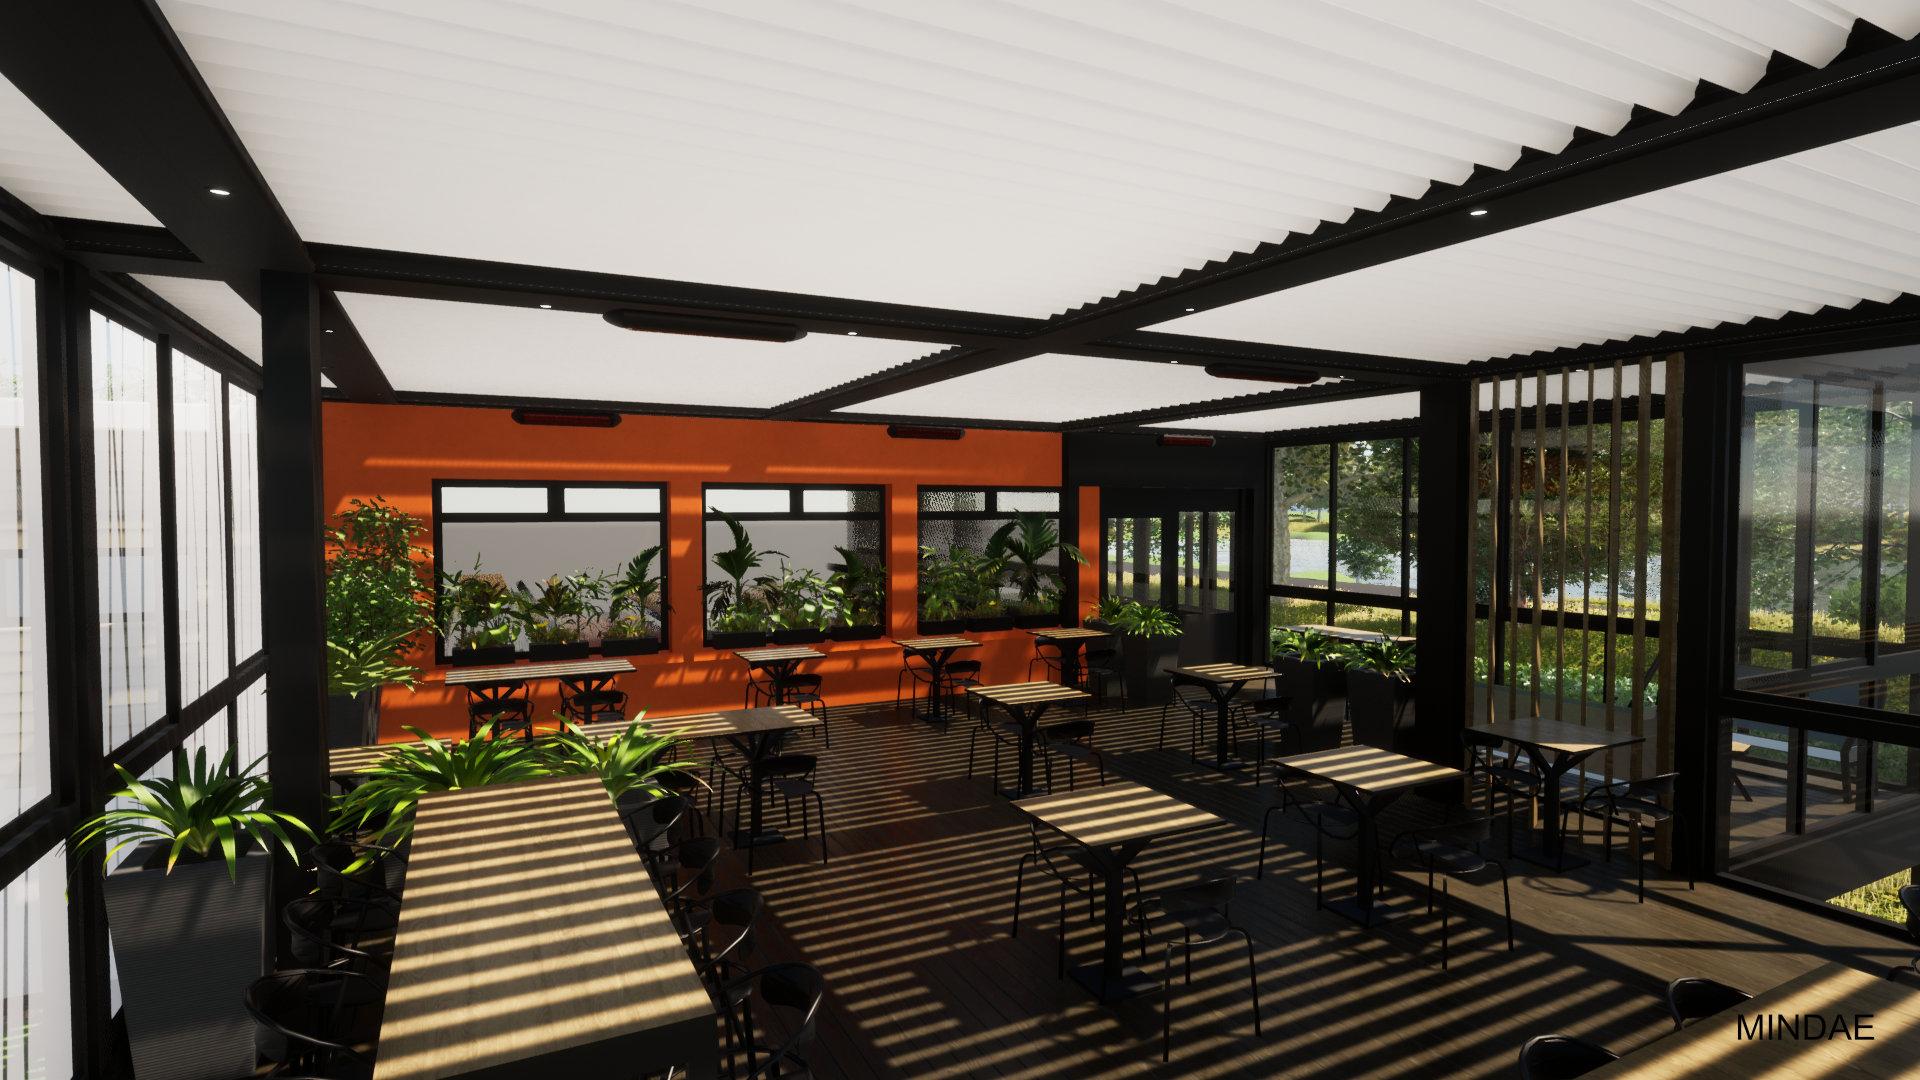 MINDAE_GPAL_Pergola_pilotis_terrasse_restaurant_carbone_orne_herouville_chef (2)